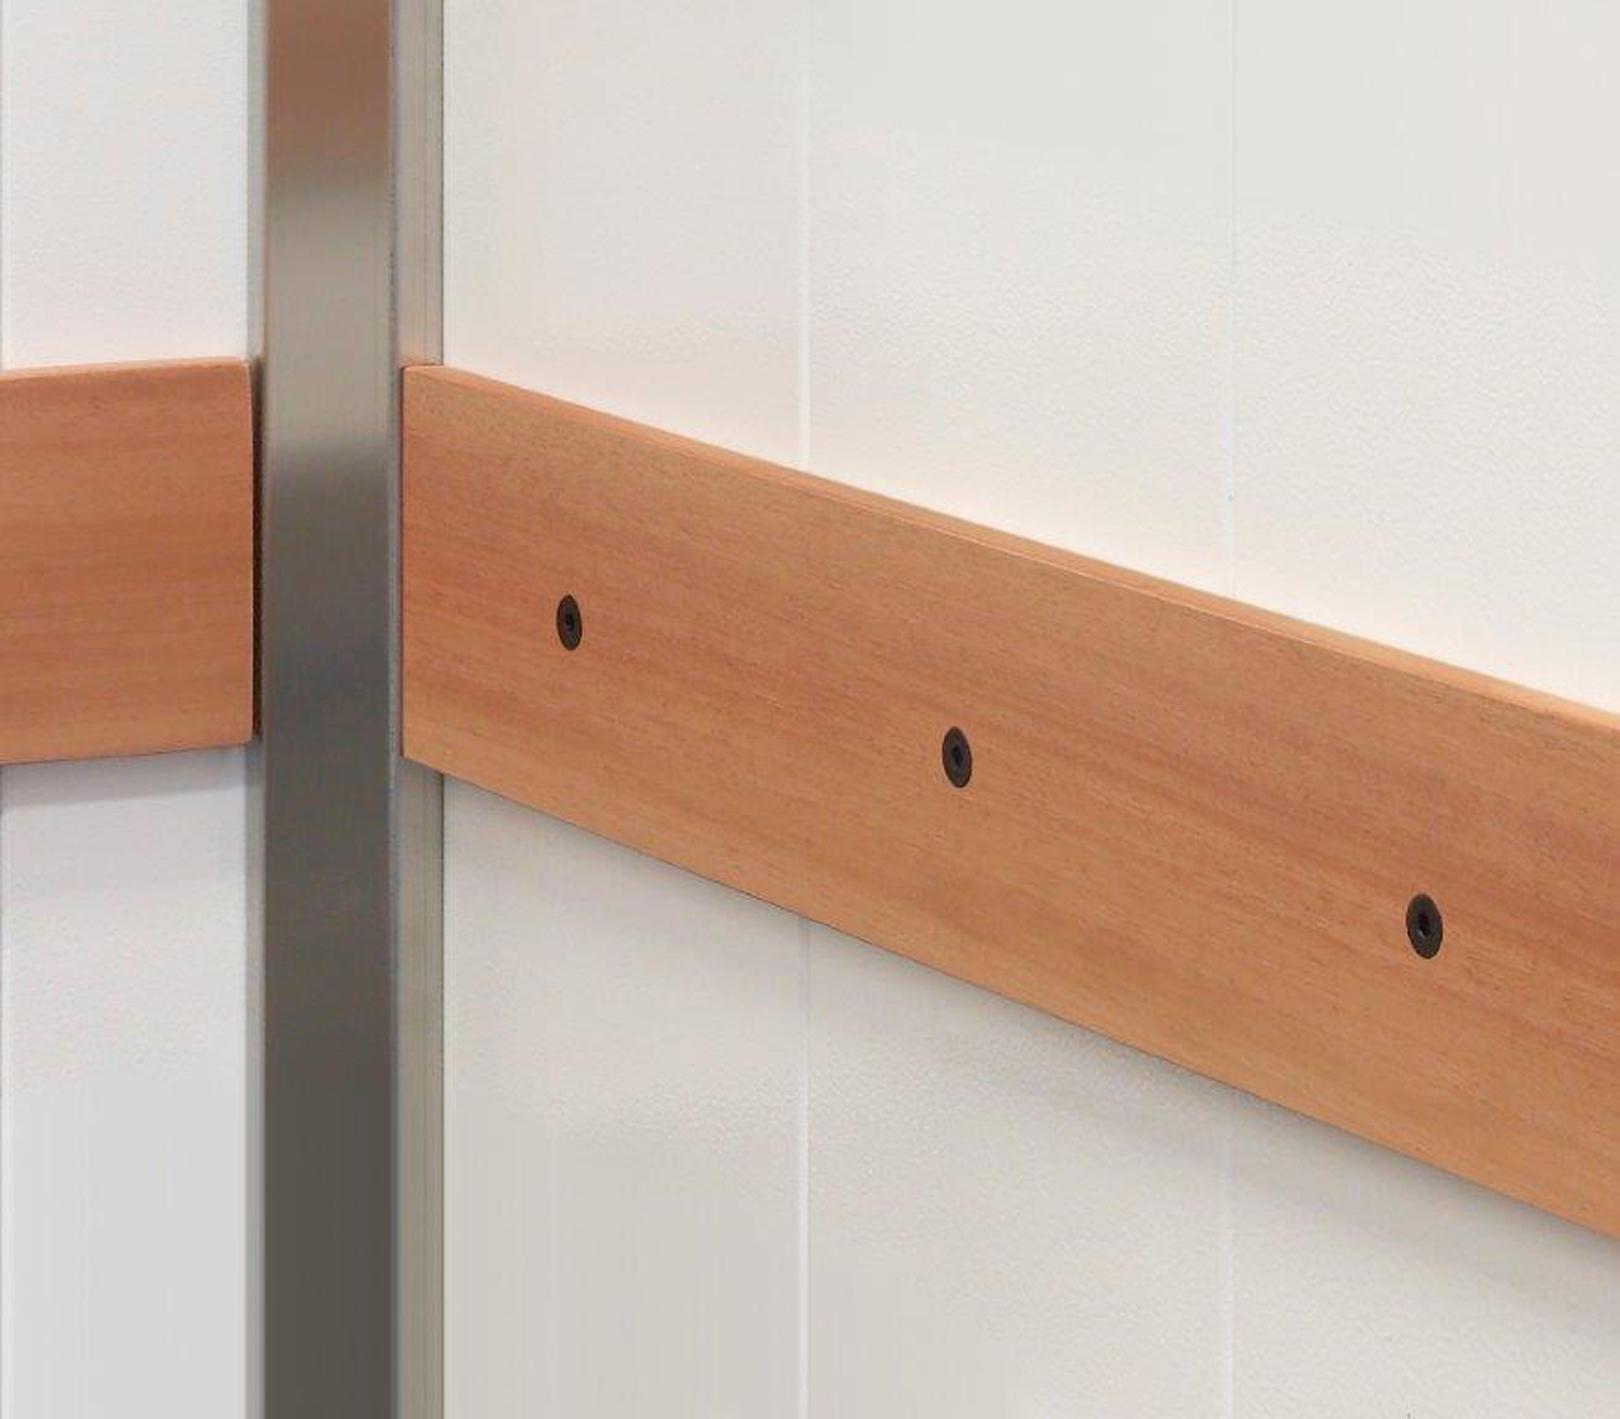 Beech wooden bumber rails